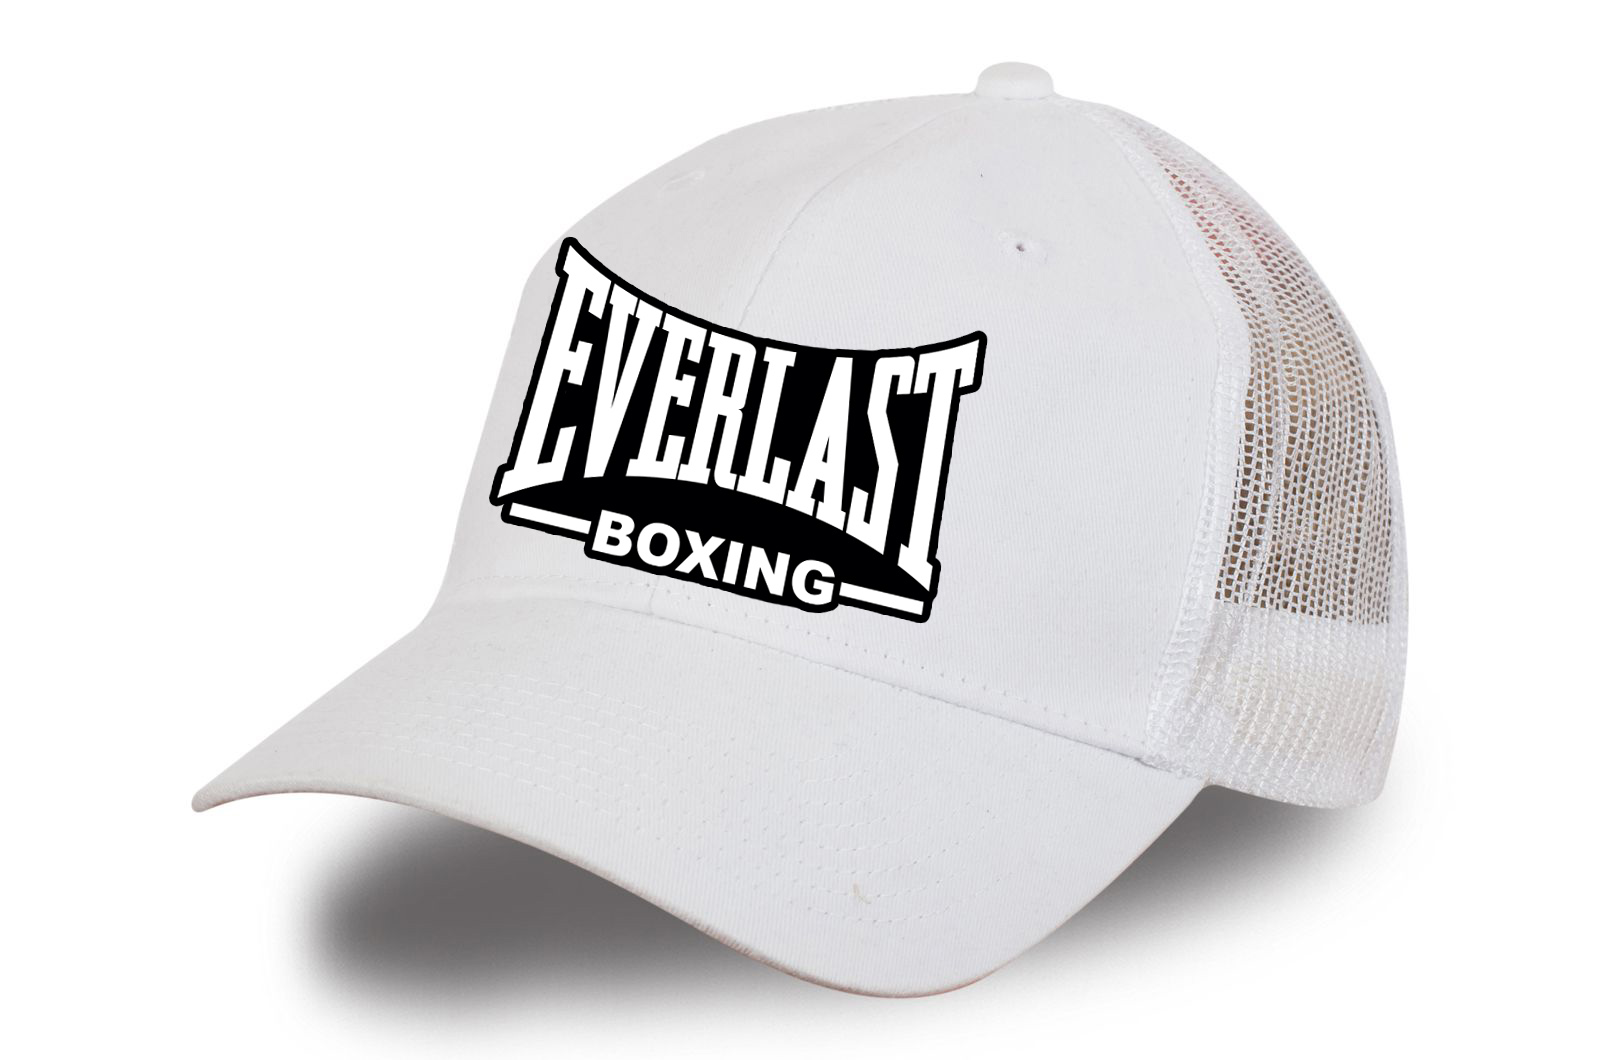 Белая бейсболка Everlast - купить по выгодной цене